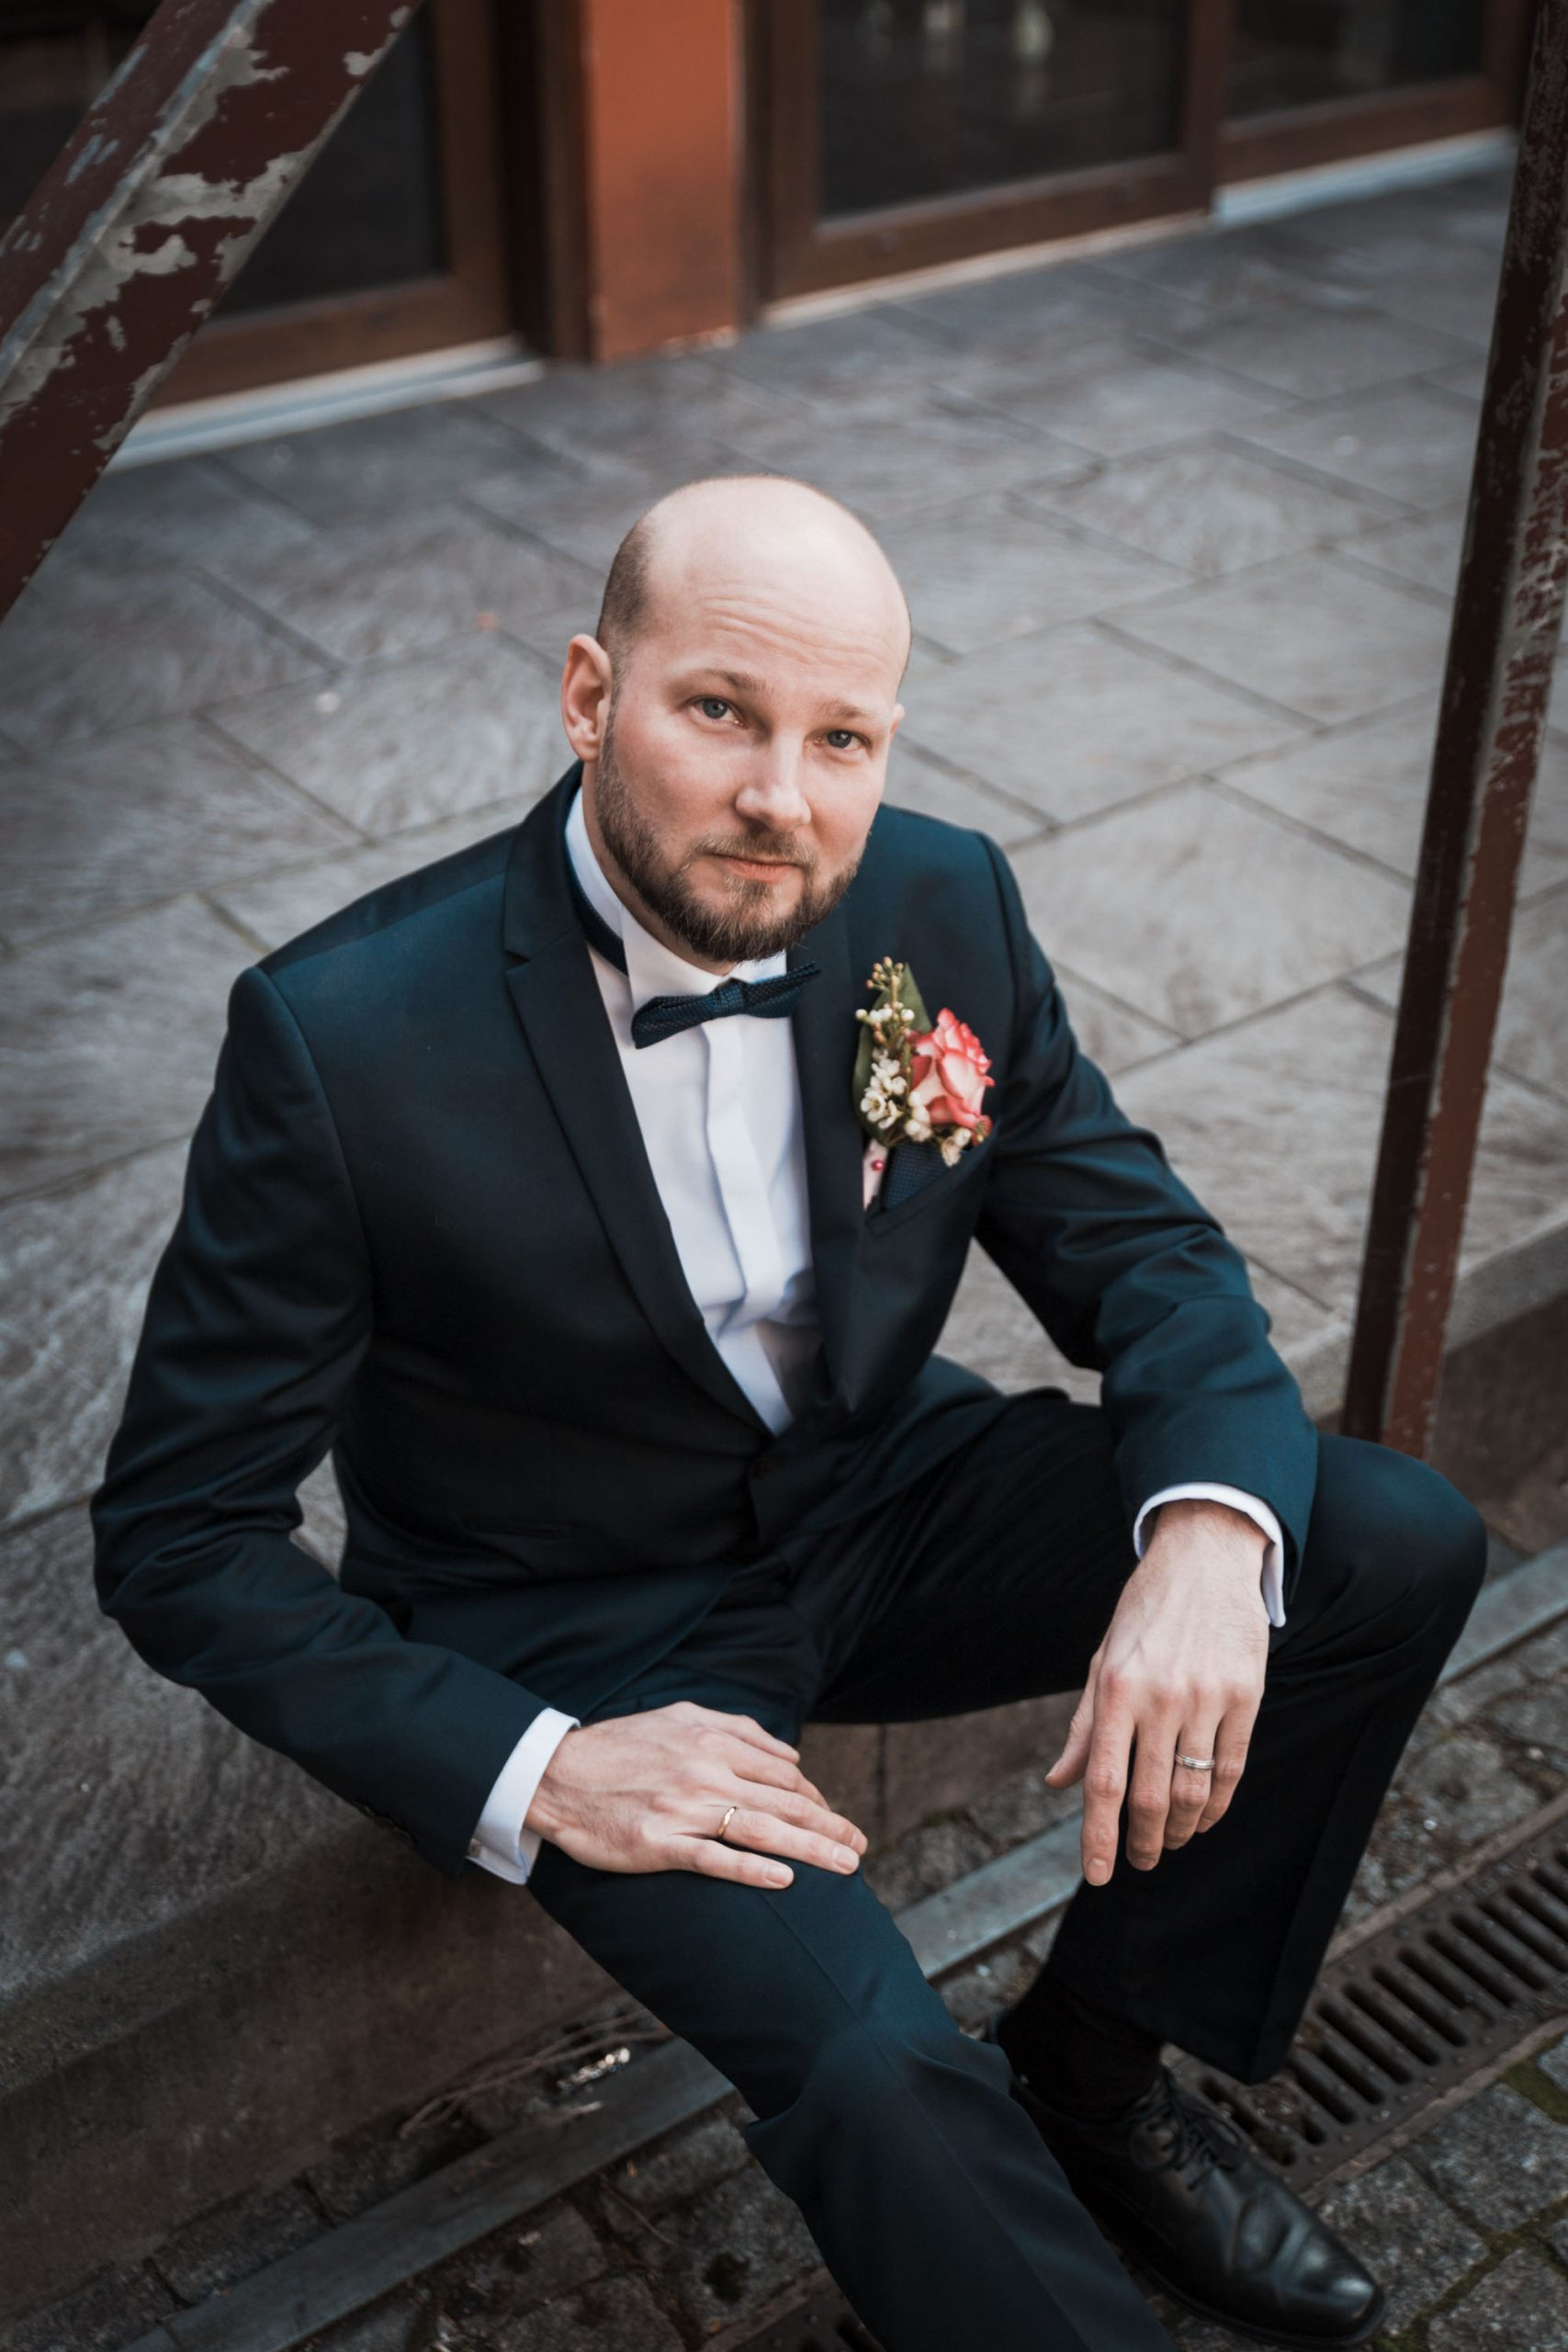 Hochzeitsbild spontan entstanden. Bräutigam sitzt in einem Innenhof der Kölner Altstadt. Natürliches Hochzeitsfoto einer Bräutigam fotografiert vom Hochzeitsfotografen Pixeldreams